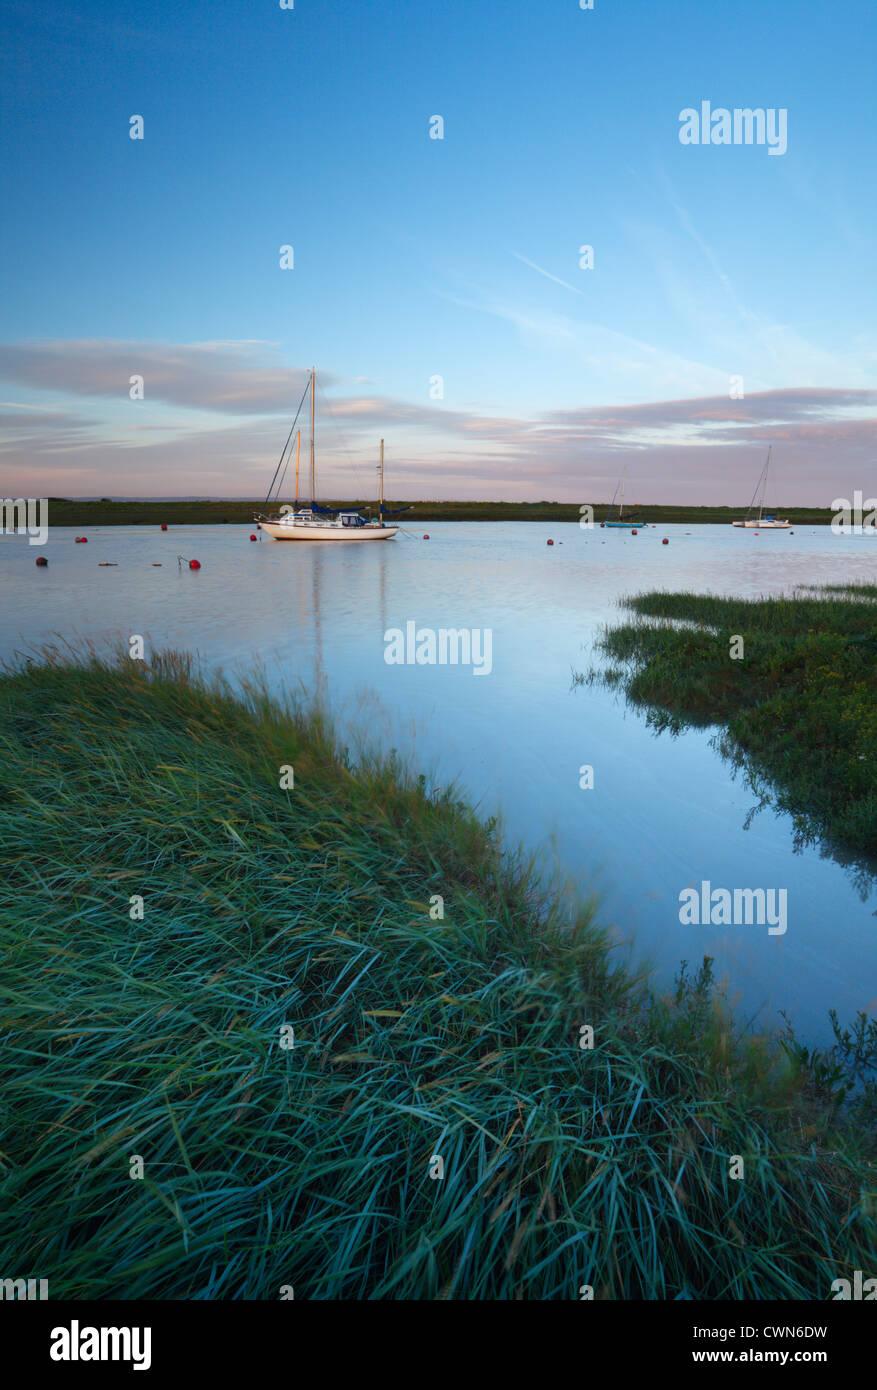 Ax del fiume Tagliamento a marea alta. Nei pressi di salita, Somerset. In Inghilterra. Regno Unito. Immagini Stock